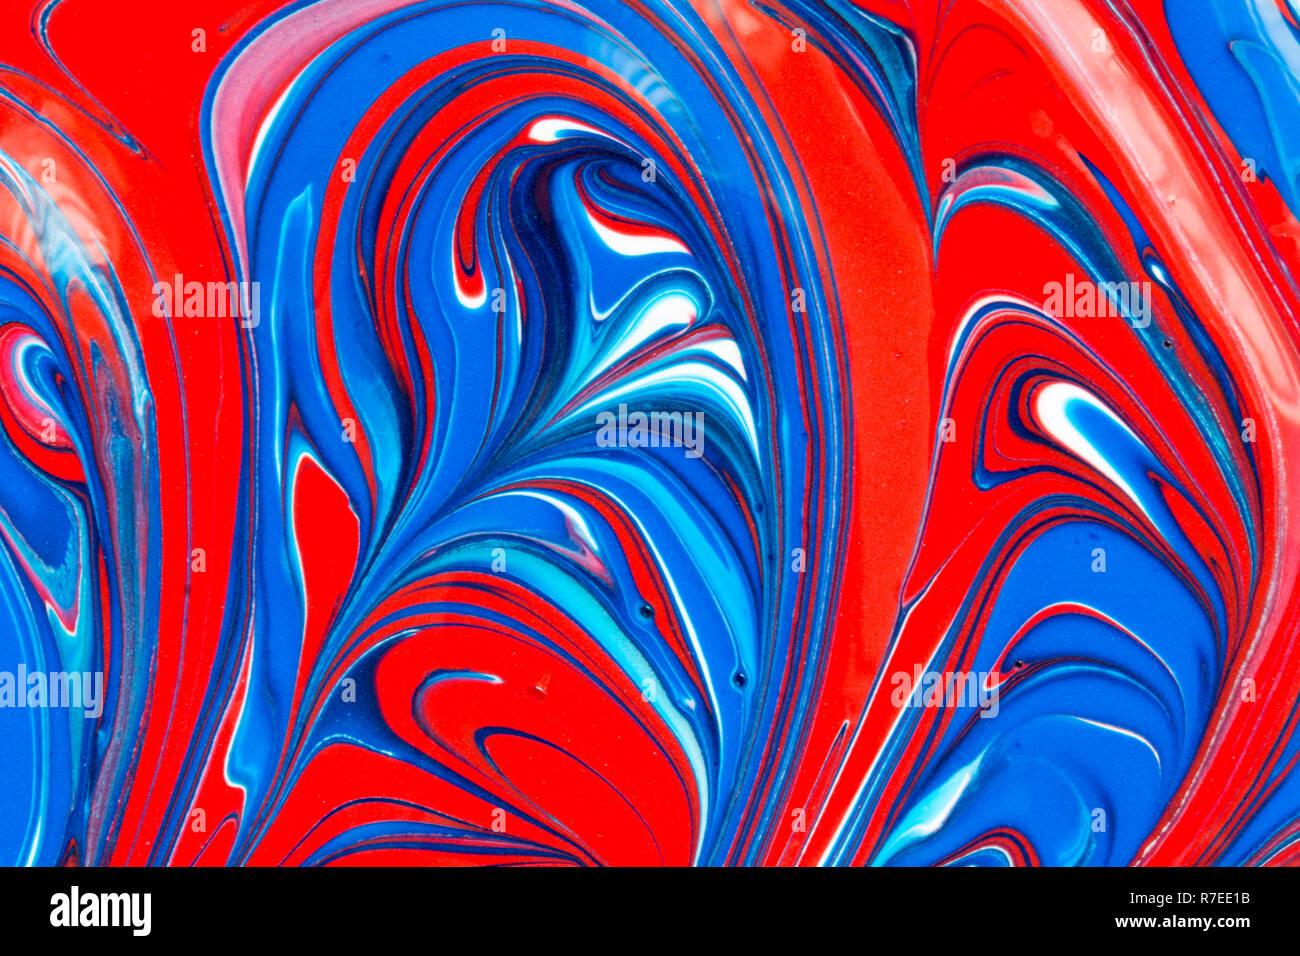 Résumé Fond Coloré De Rouge Blanc Et Bleu De La Peinture Liquide